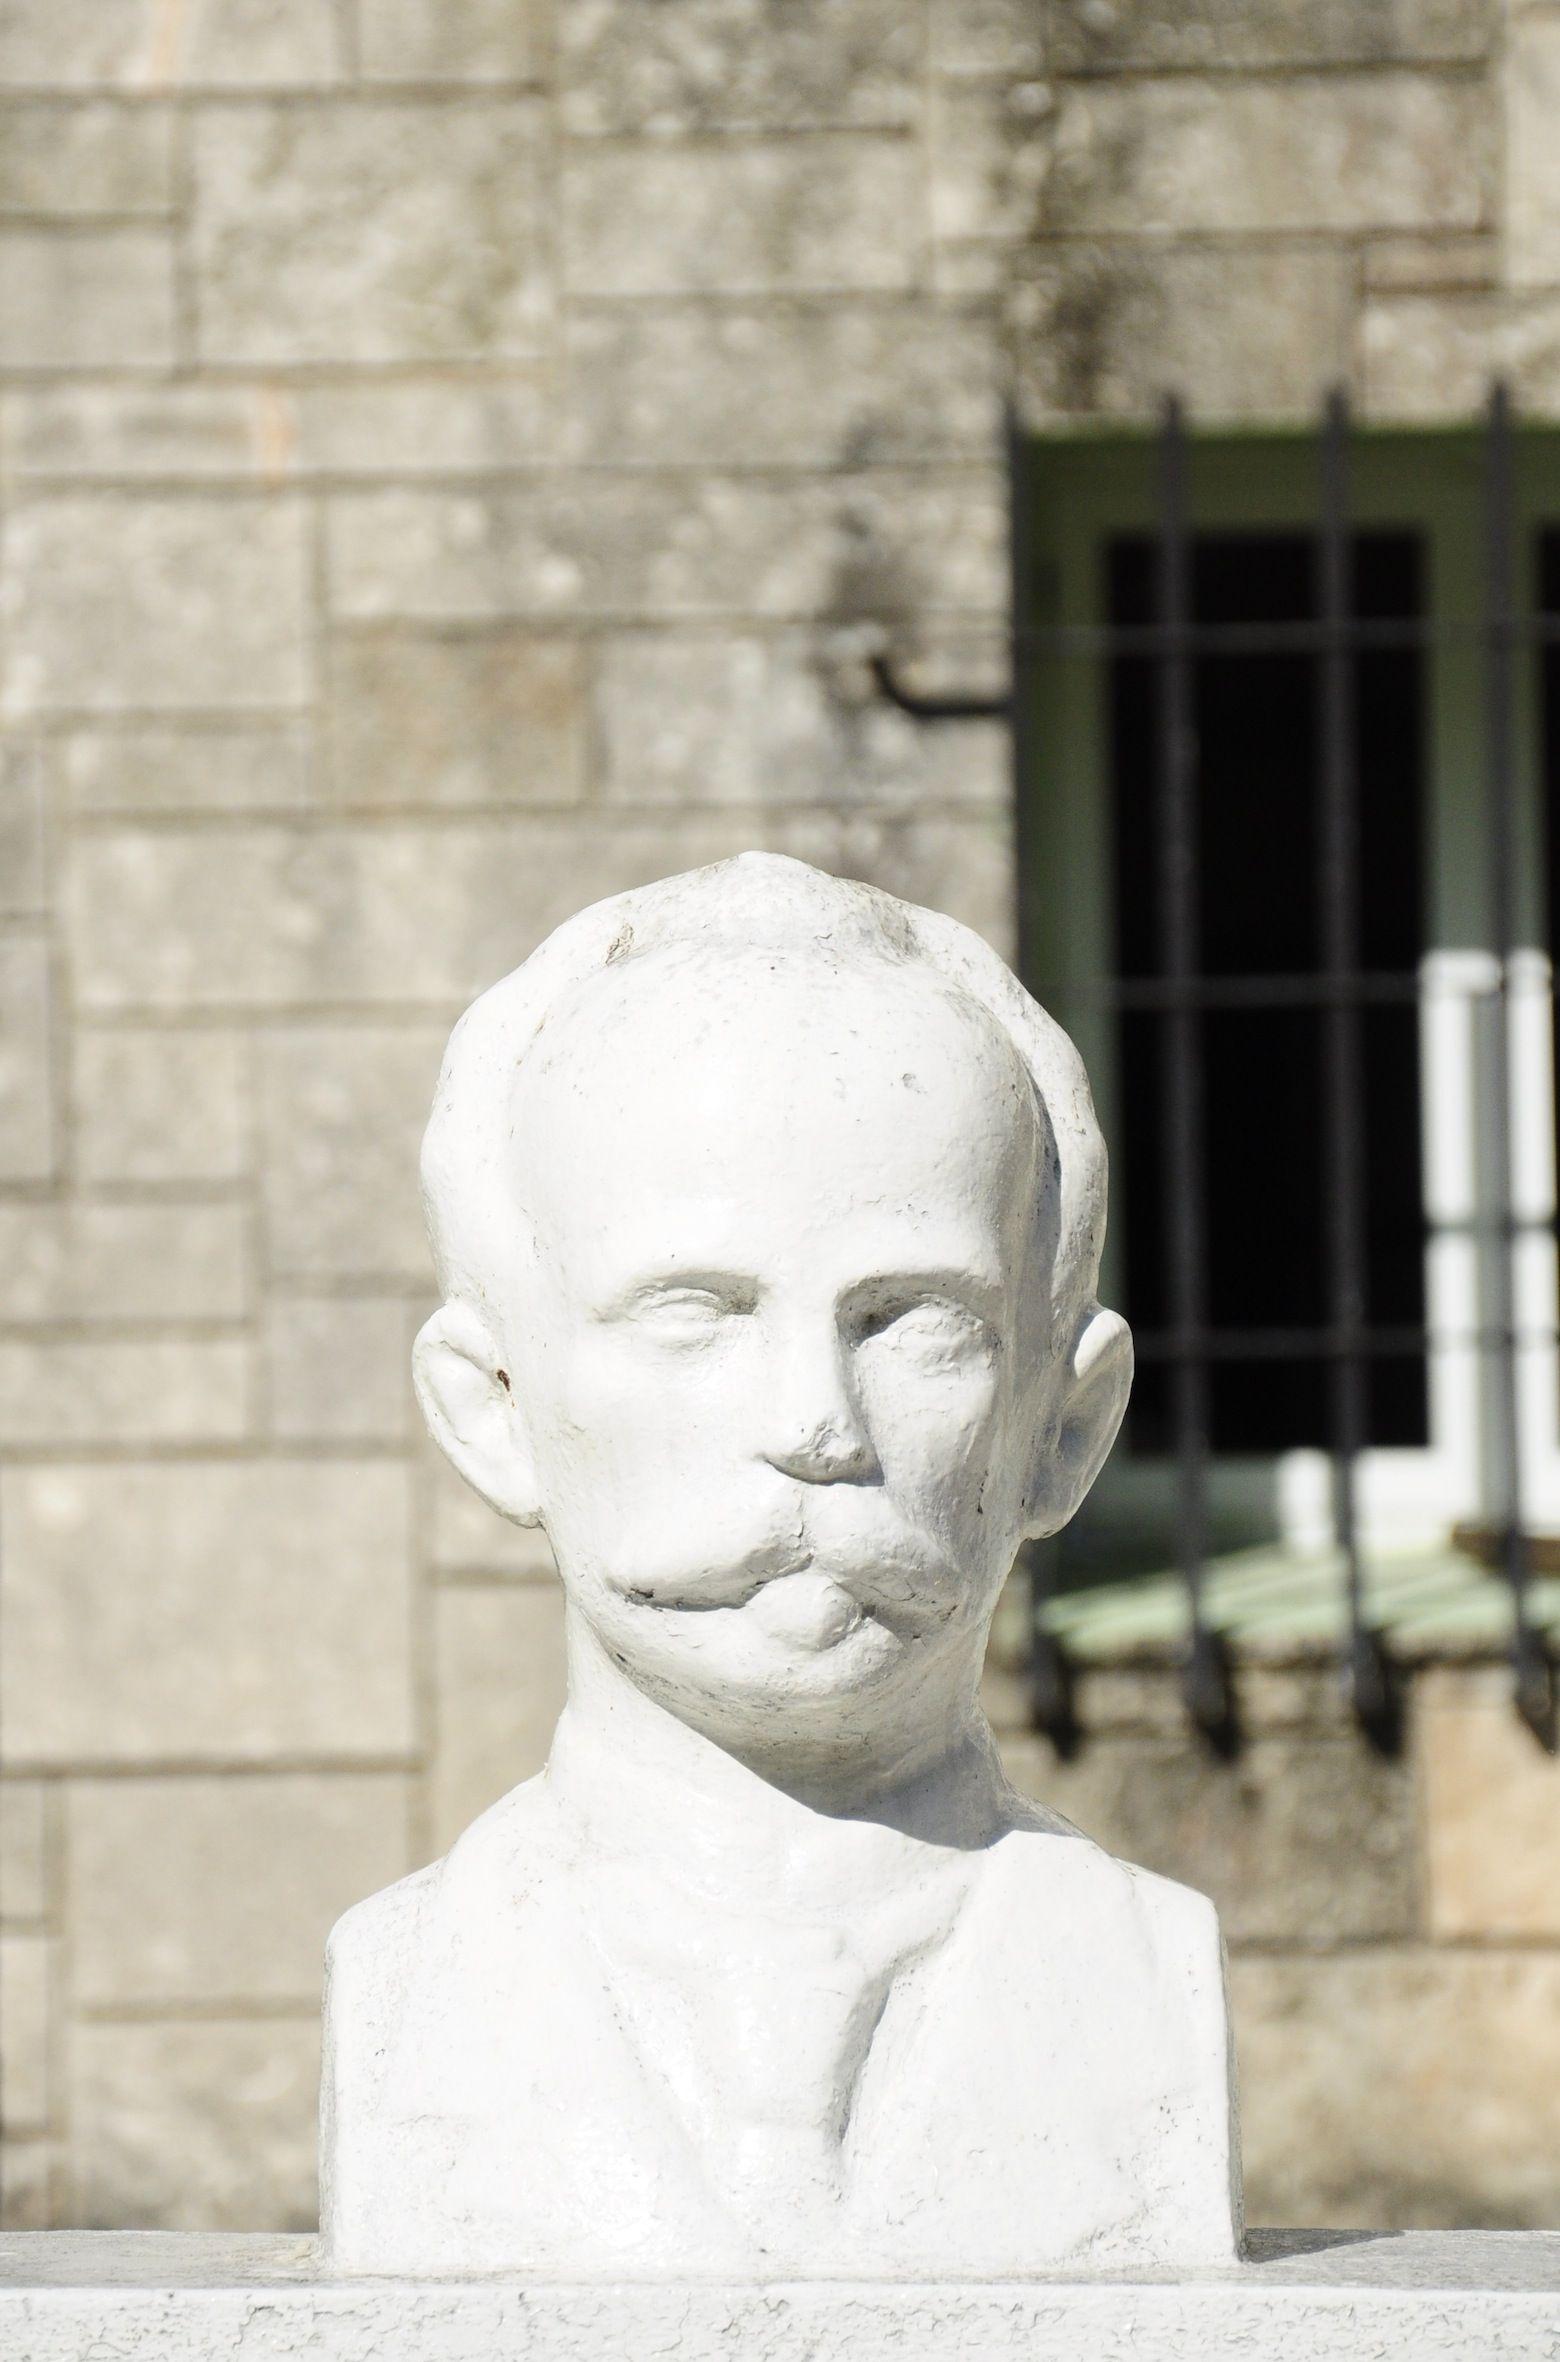 Ziert Schulen im ganzen Land: Die Büste des Nationalhelden José Martí